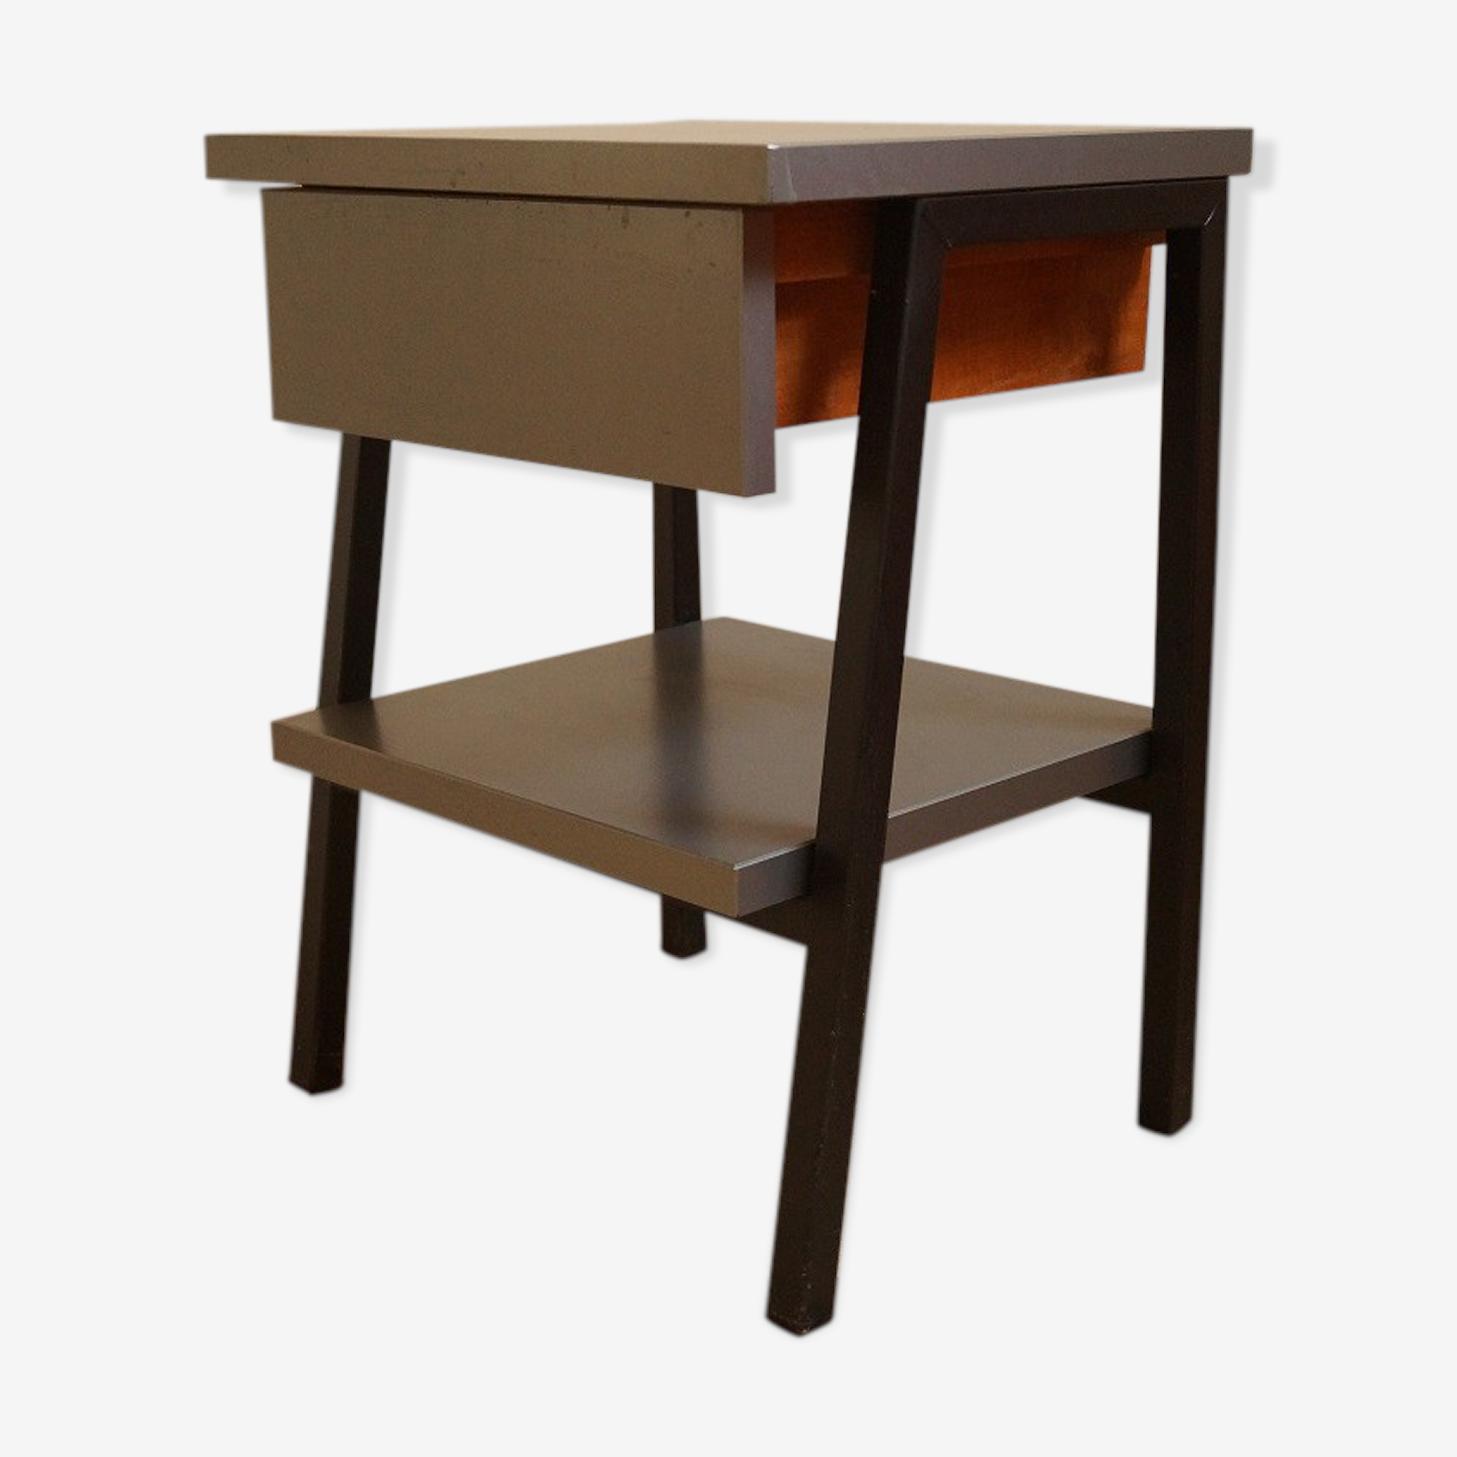 Table de chevet 1970